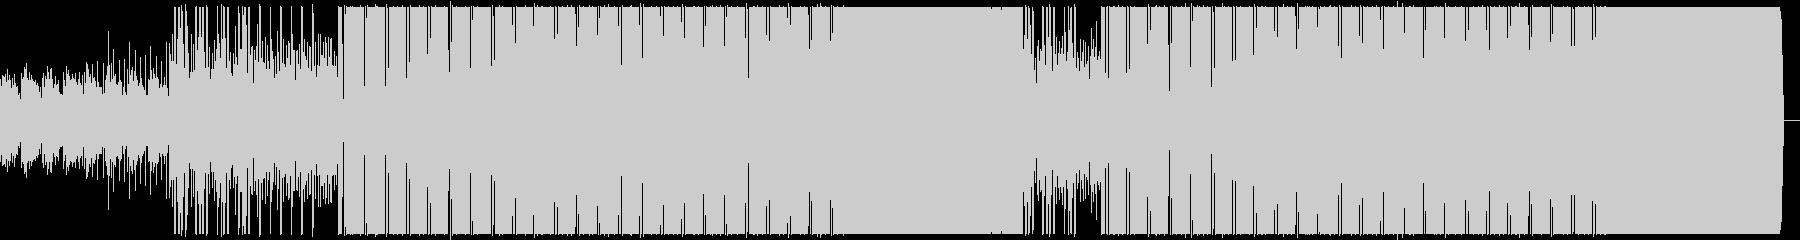 中華屋が5分で作ったフューチャーベースの未再生の波形